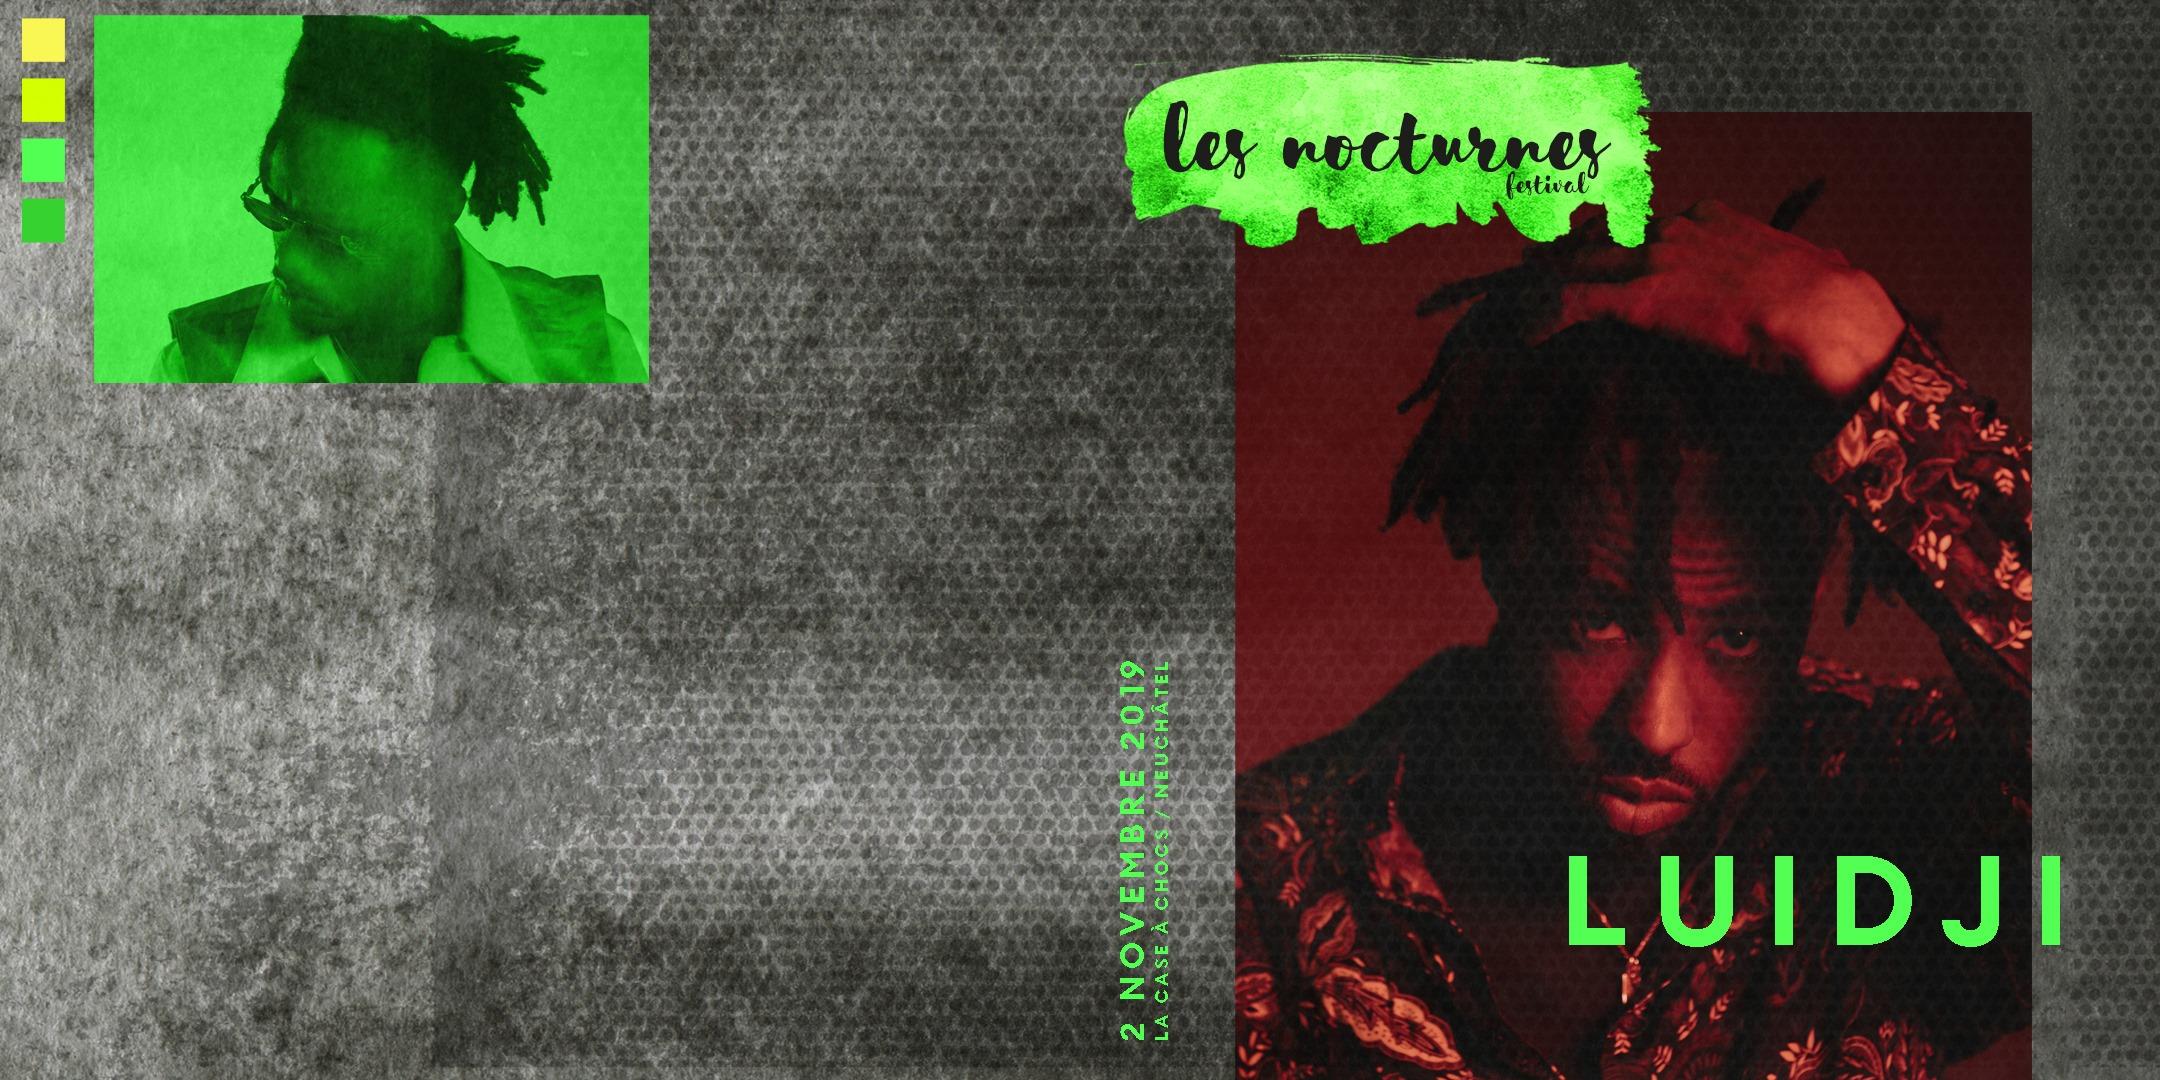 Luidji @ Festival Les Nocturnes